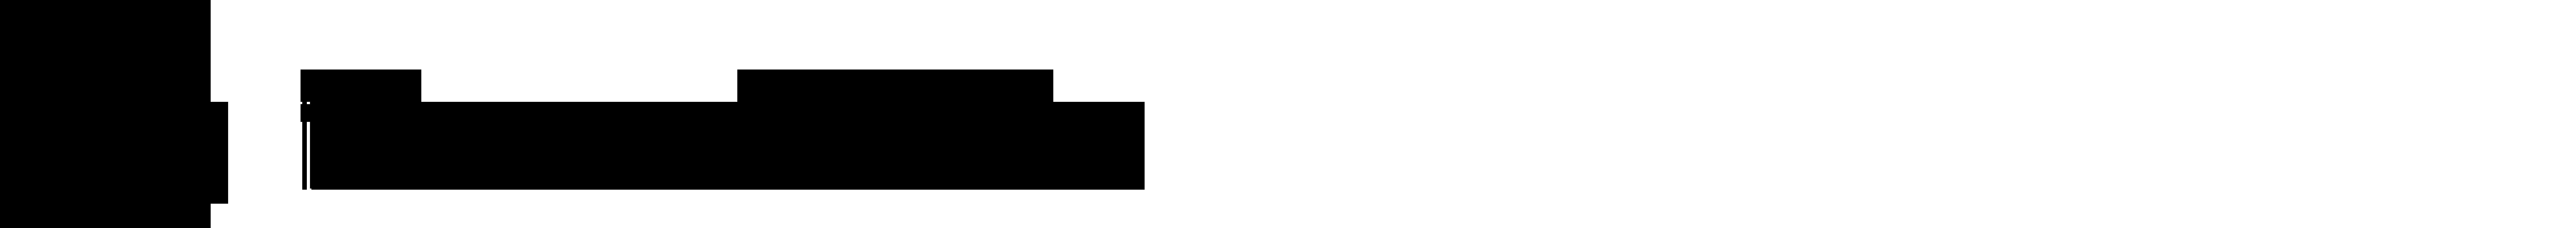 Logo_FV_Positivo